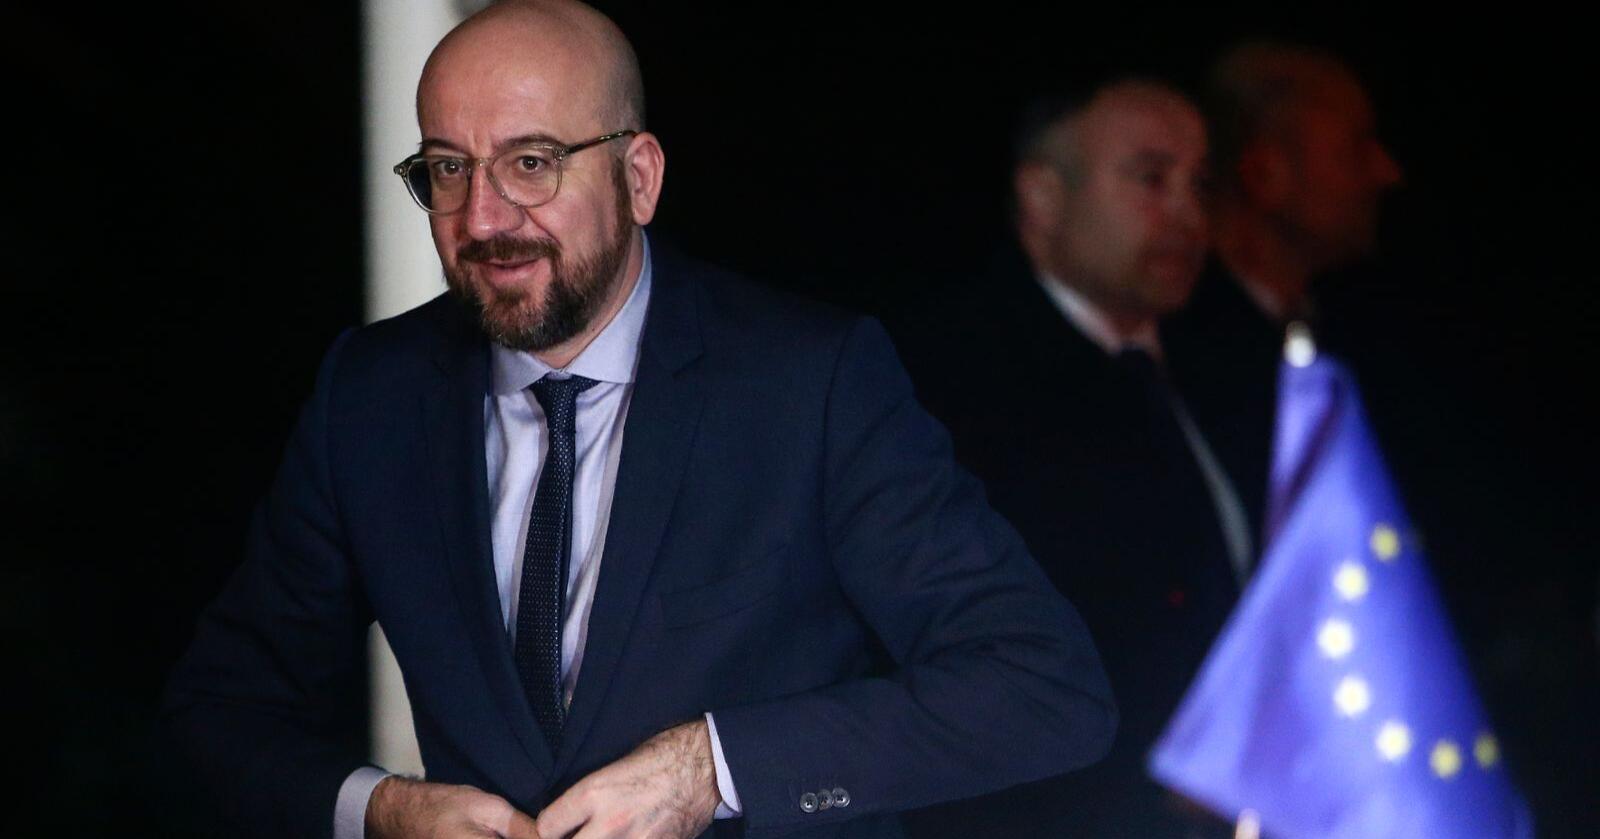 EU-topp Charles Michel møter motbør for det nye budsjettforslaget. Foto: AP Photo/Boris Grdanoski